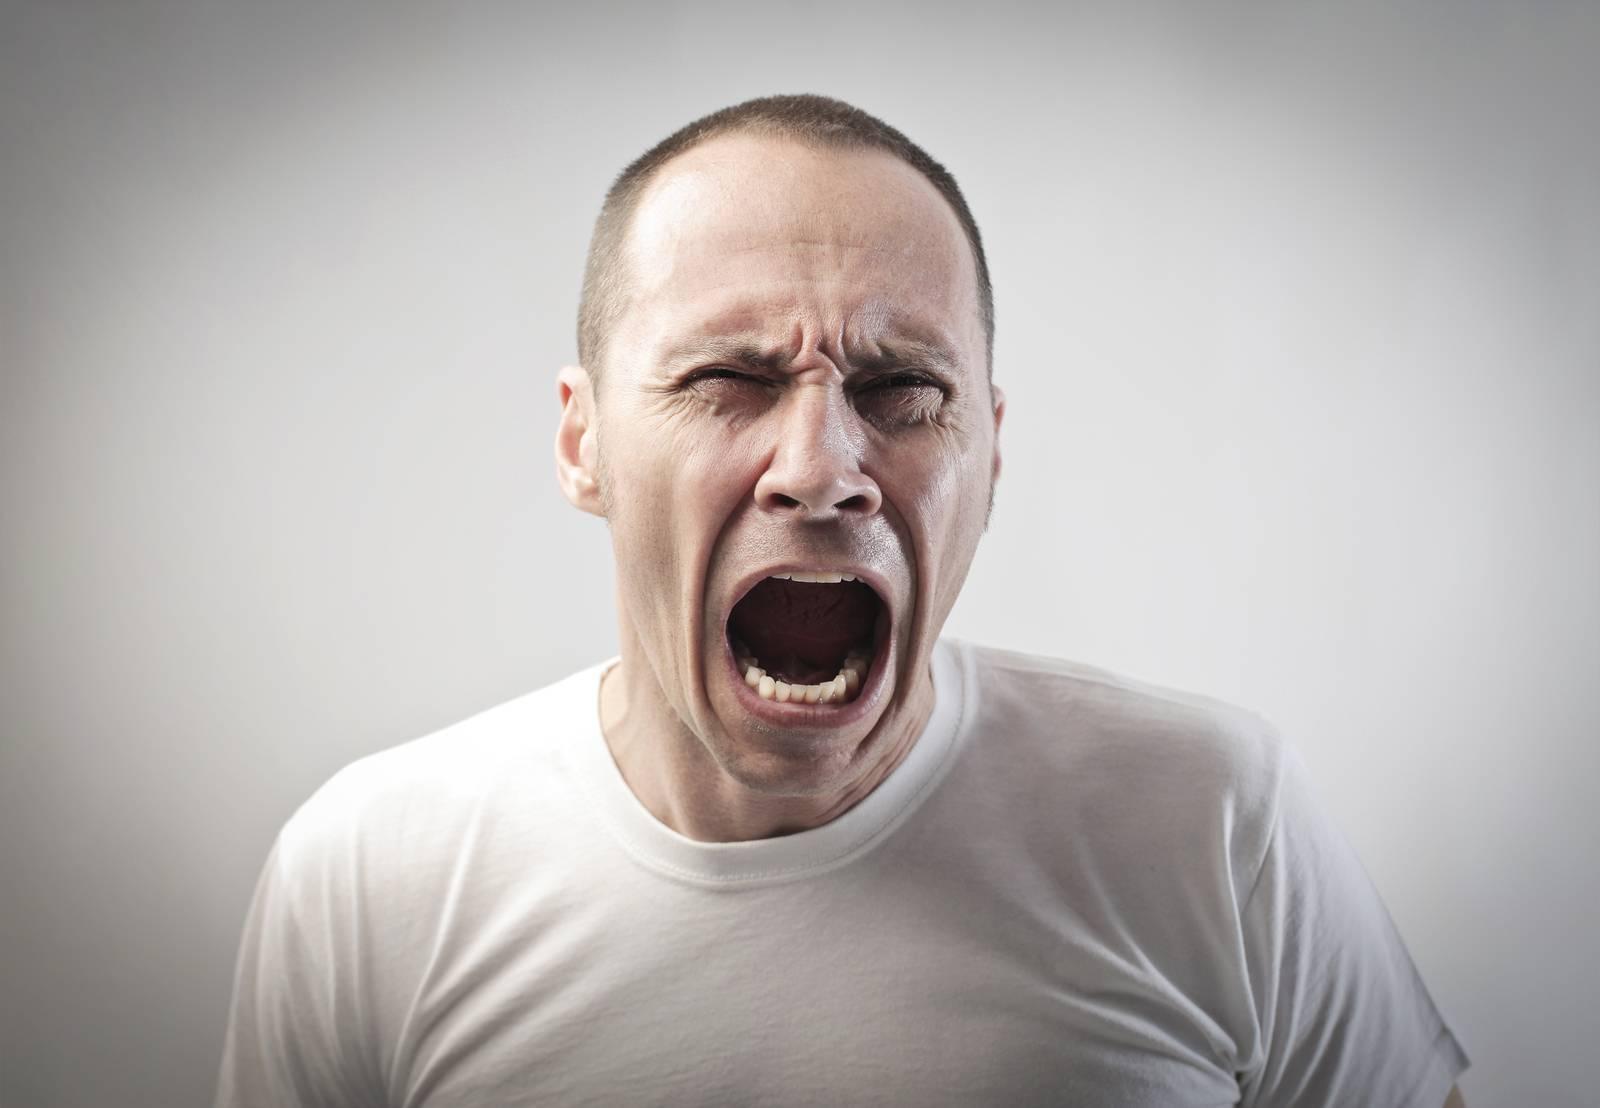 تحقیق خشم و کنترل آن